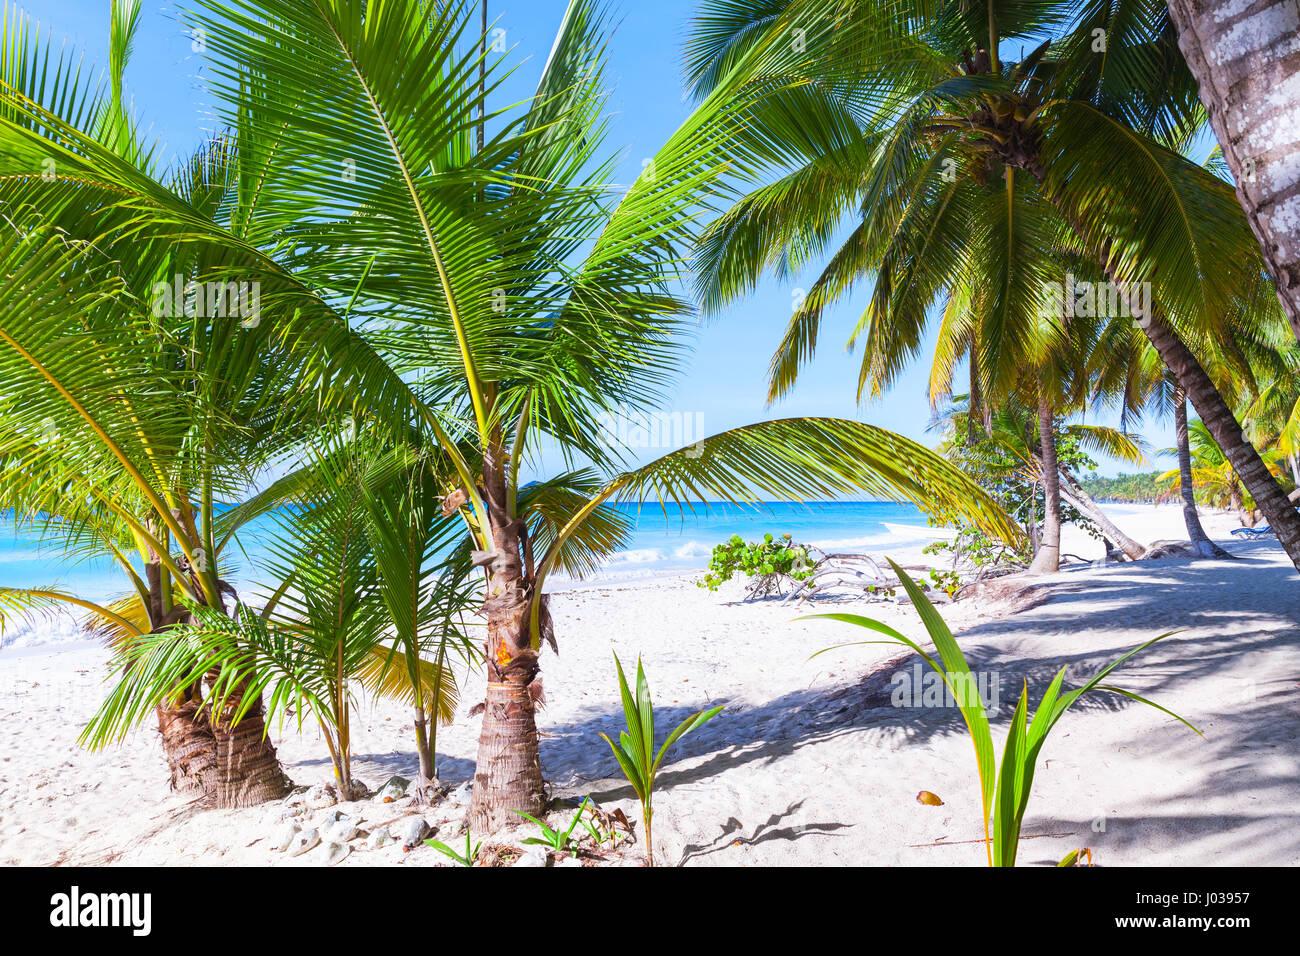 Las palmeras crecen en la playa. Costa de arena blanca del Mar Caribe, la República Dominicana, Isla Saona Imagen De Stock